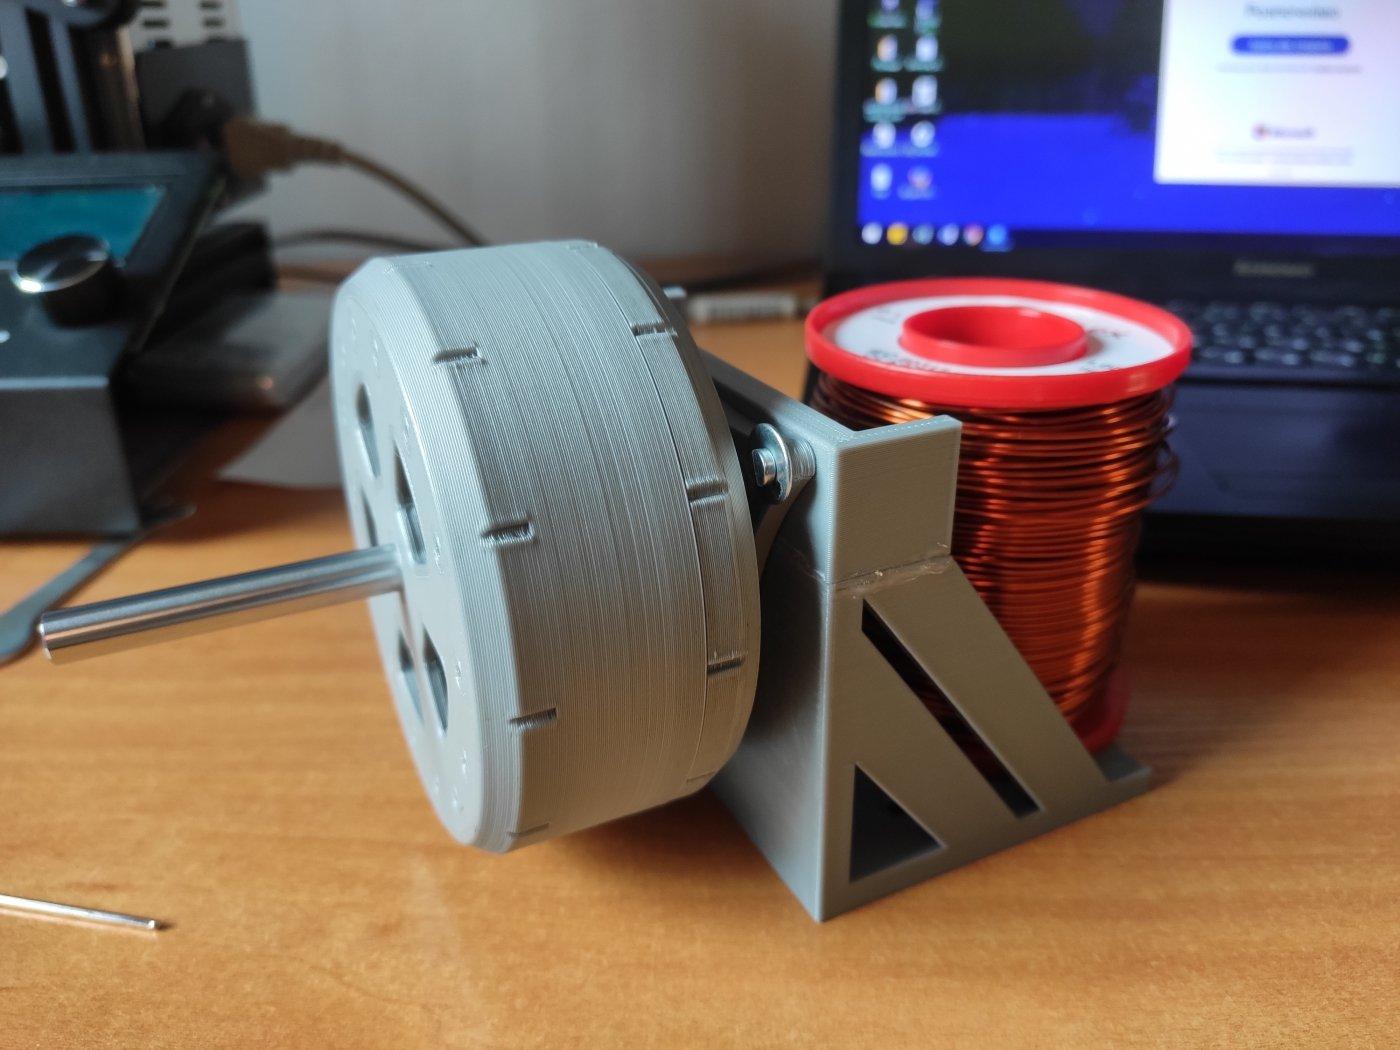 Студент ІФНТУНГ за допомогою 3D друку виготовив безколекторний електродвигун (фото), фото-3